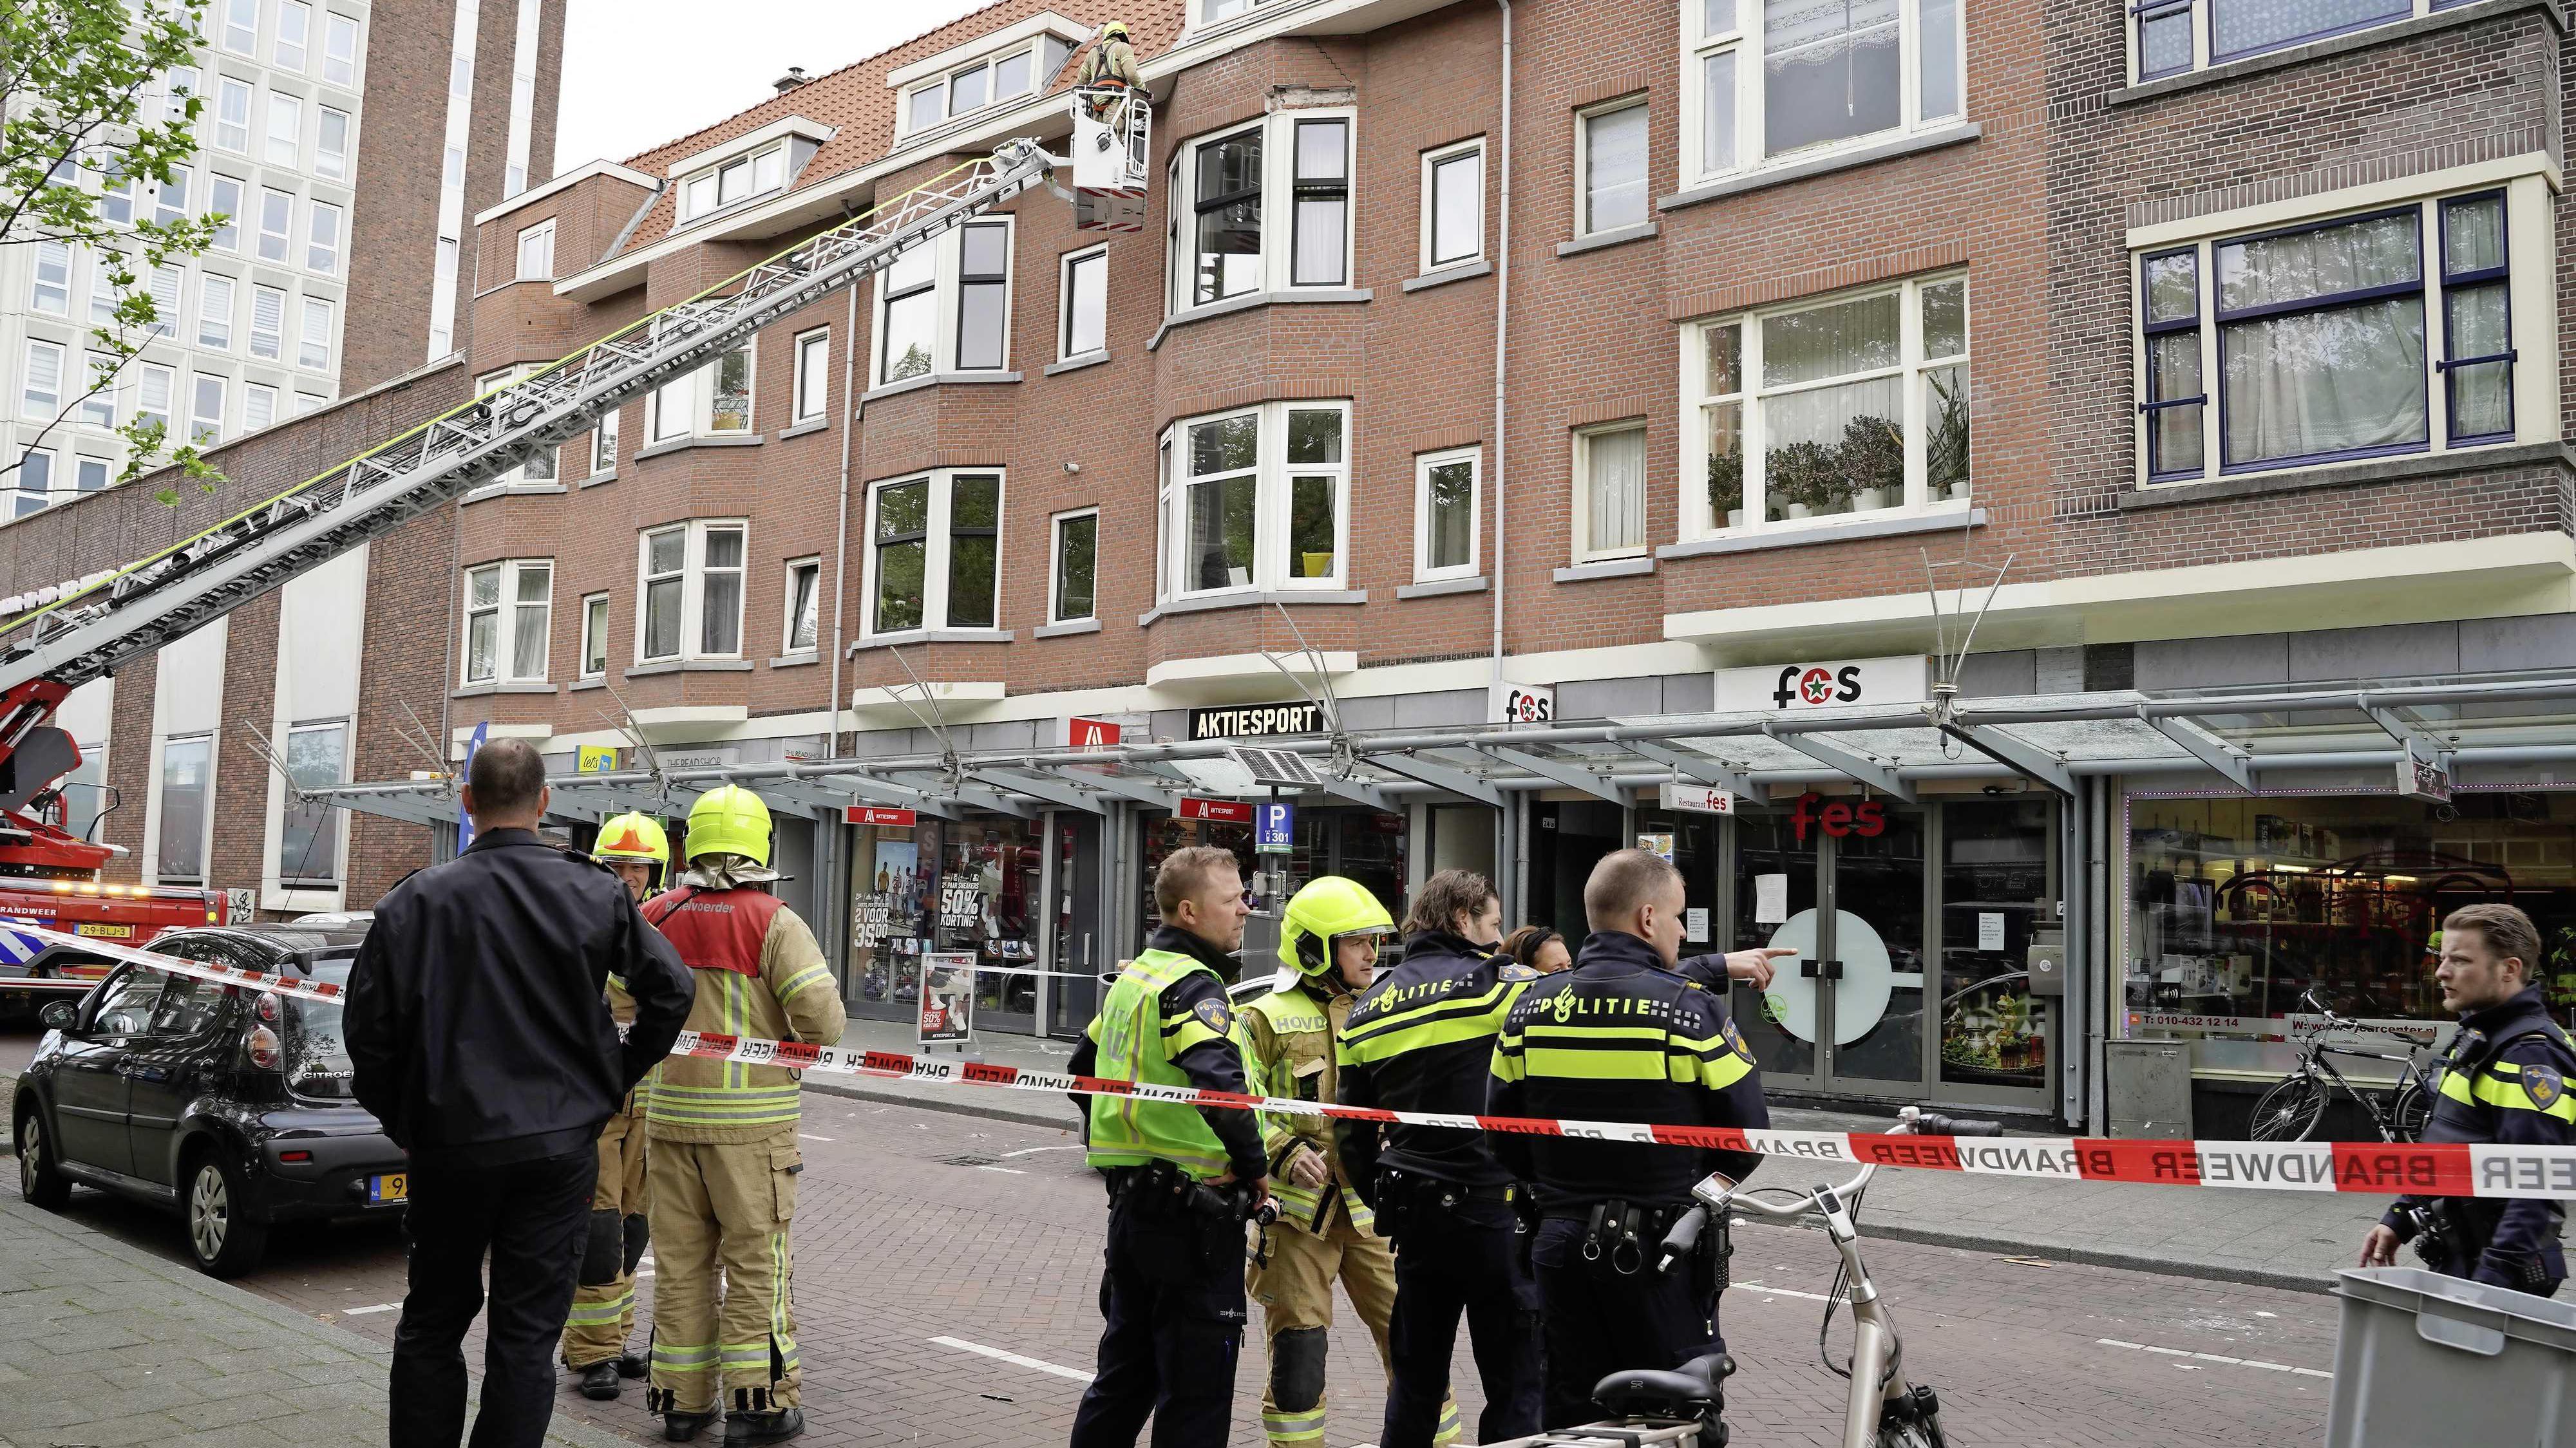 7f8a4f32838 Artikelen over ontruimingen | Telegraaf.nl